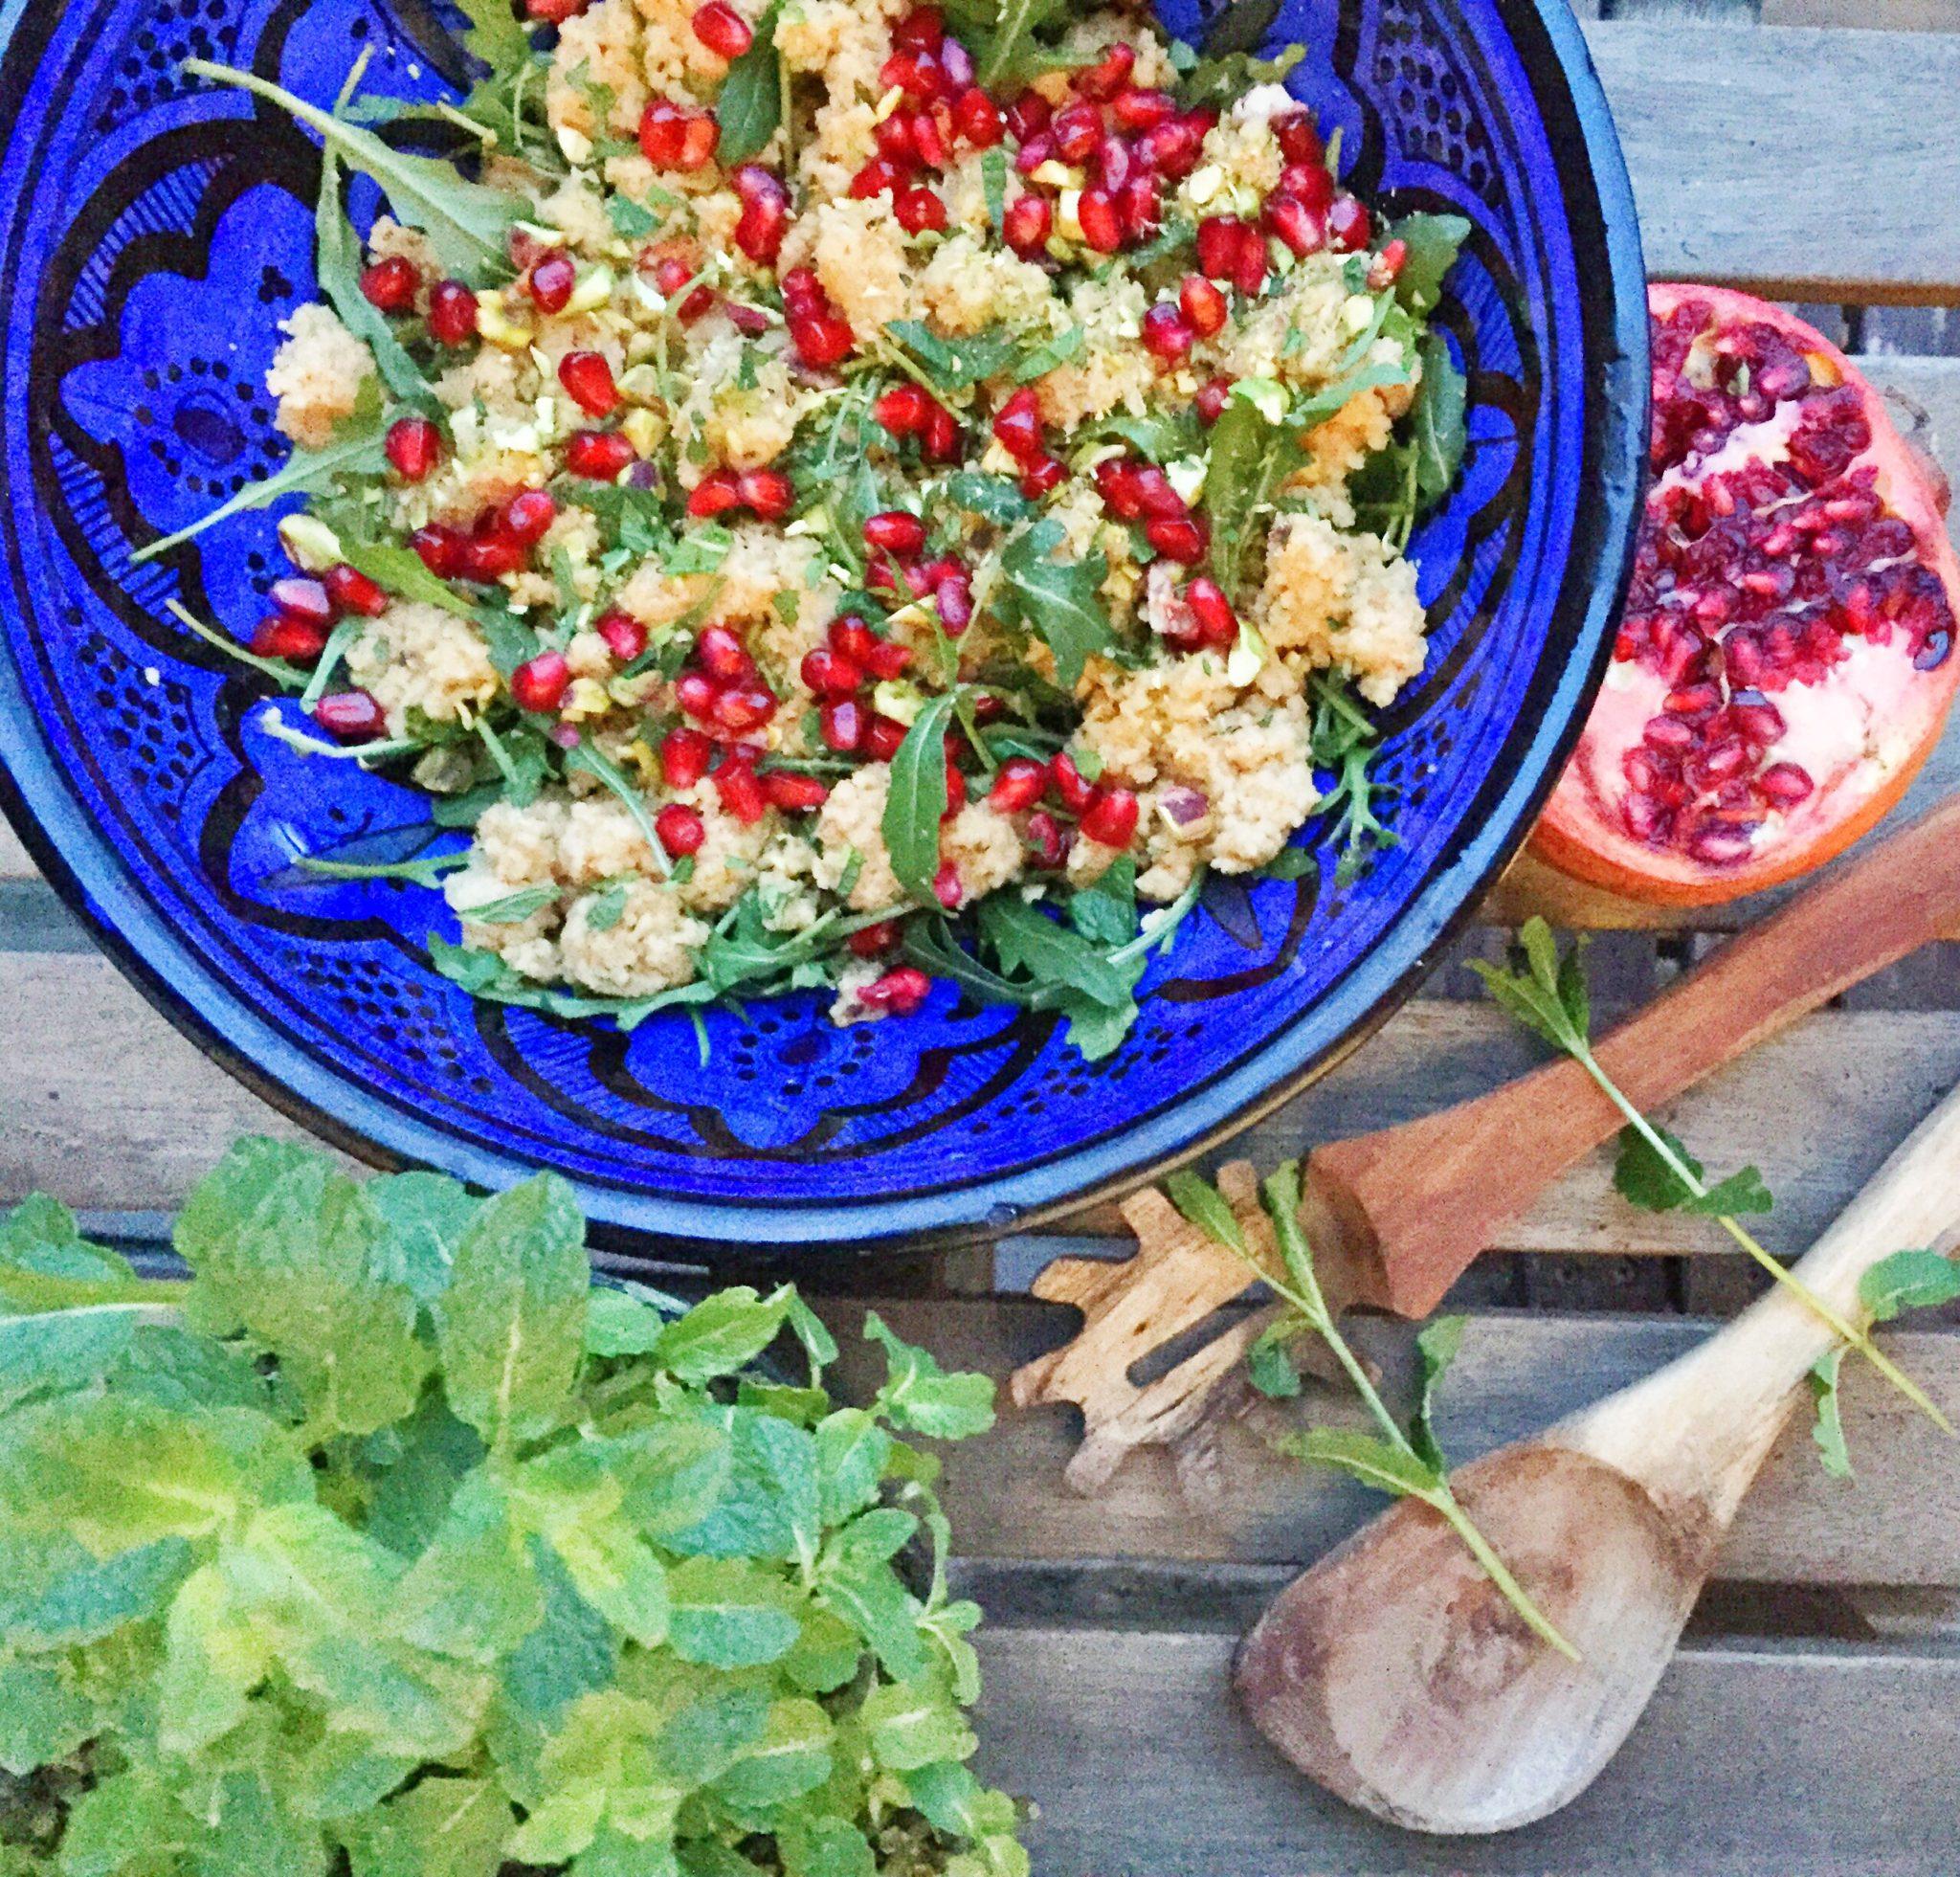 Salat til grillmad. Couscous salat med masser af granatæble, grønt og pistacie.